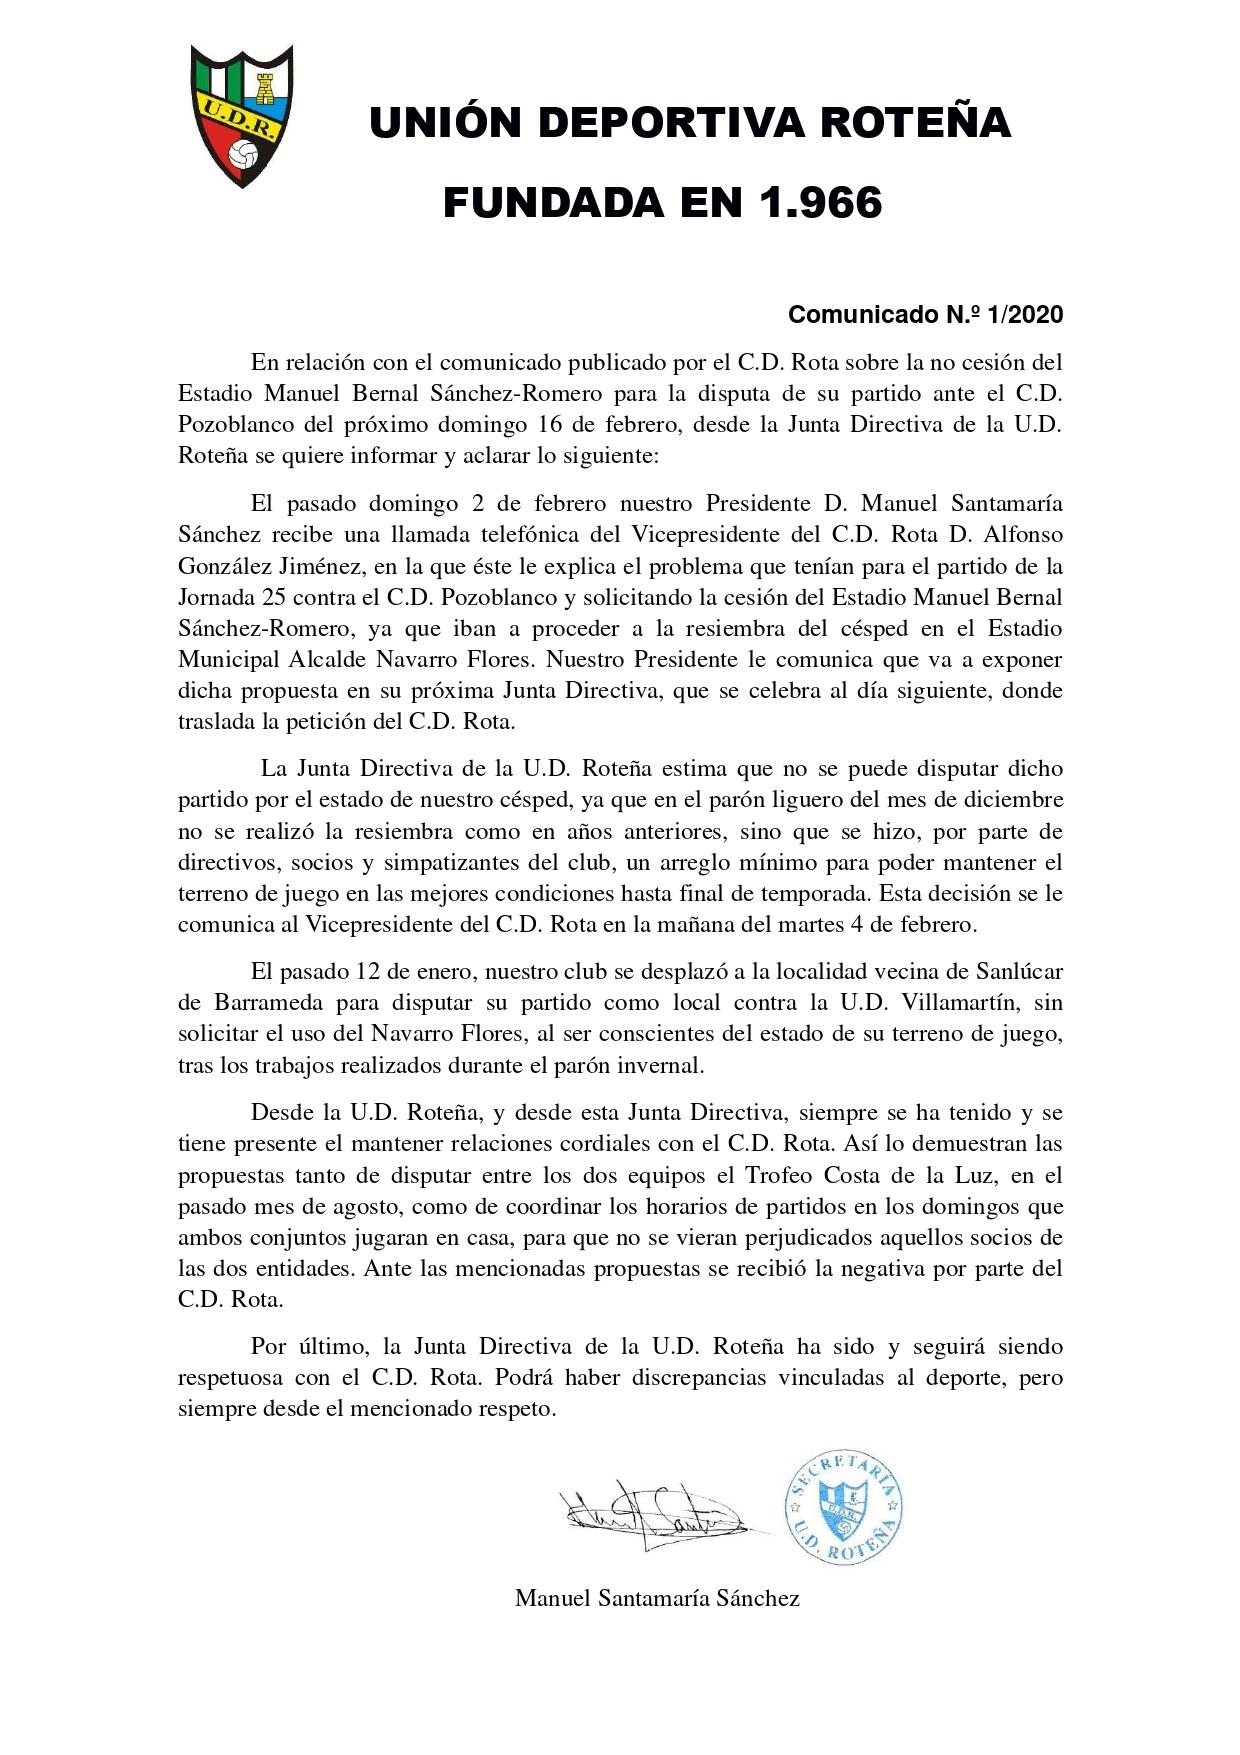 Comunicado sobre la no cesión al C.D. Rota del Estadio Manuel Bernal Sánchez-Romero